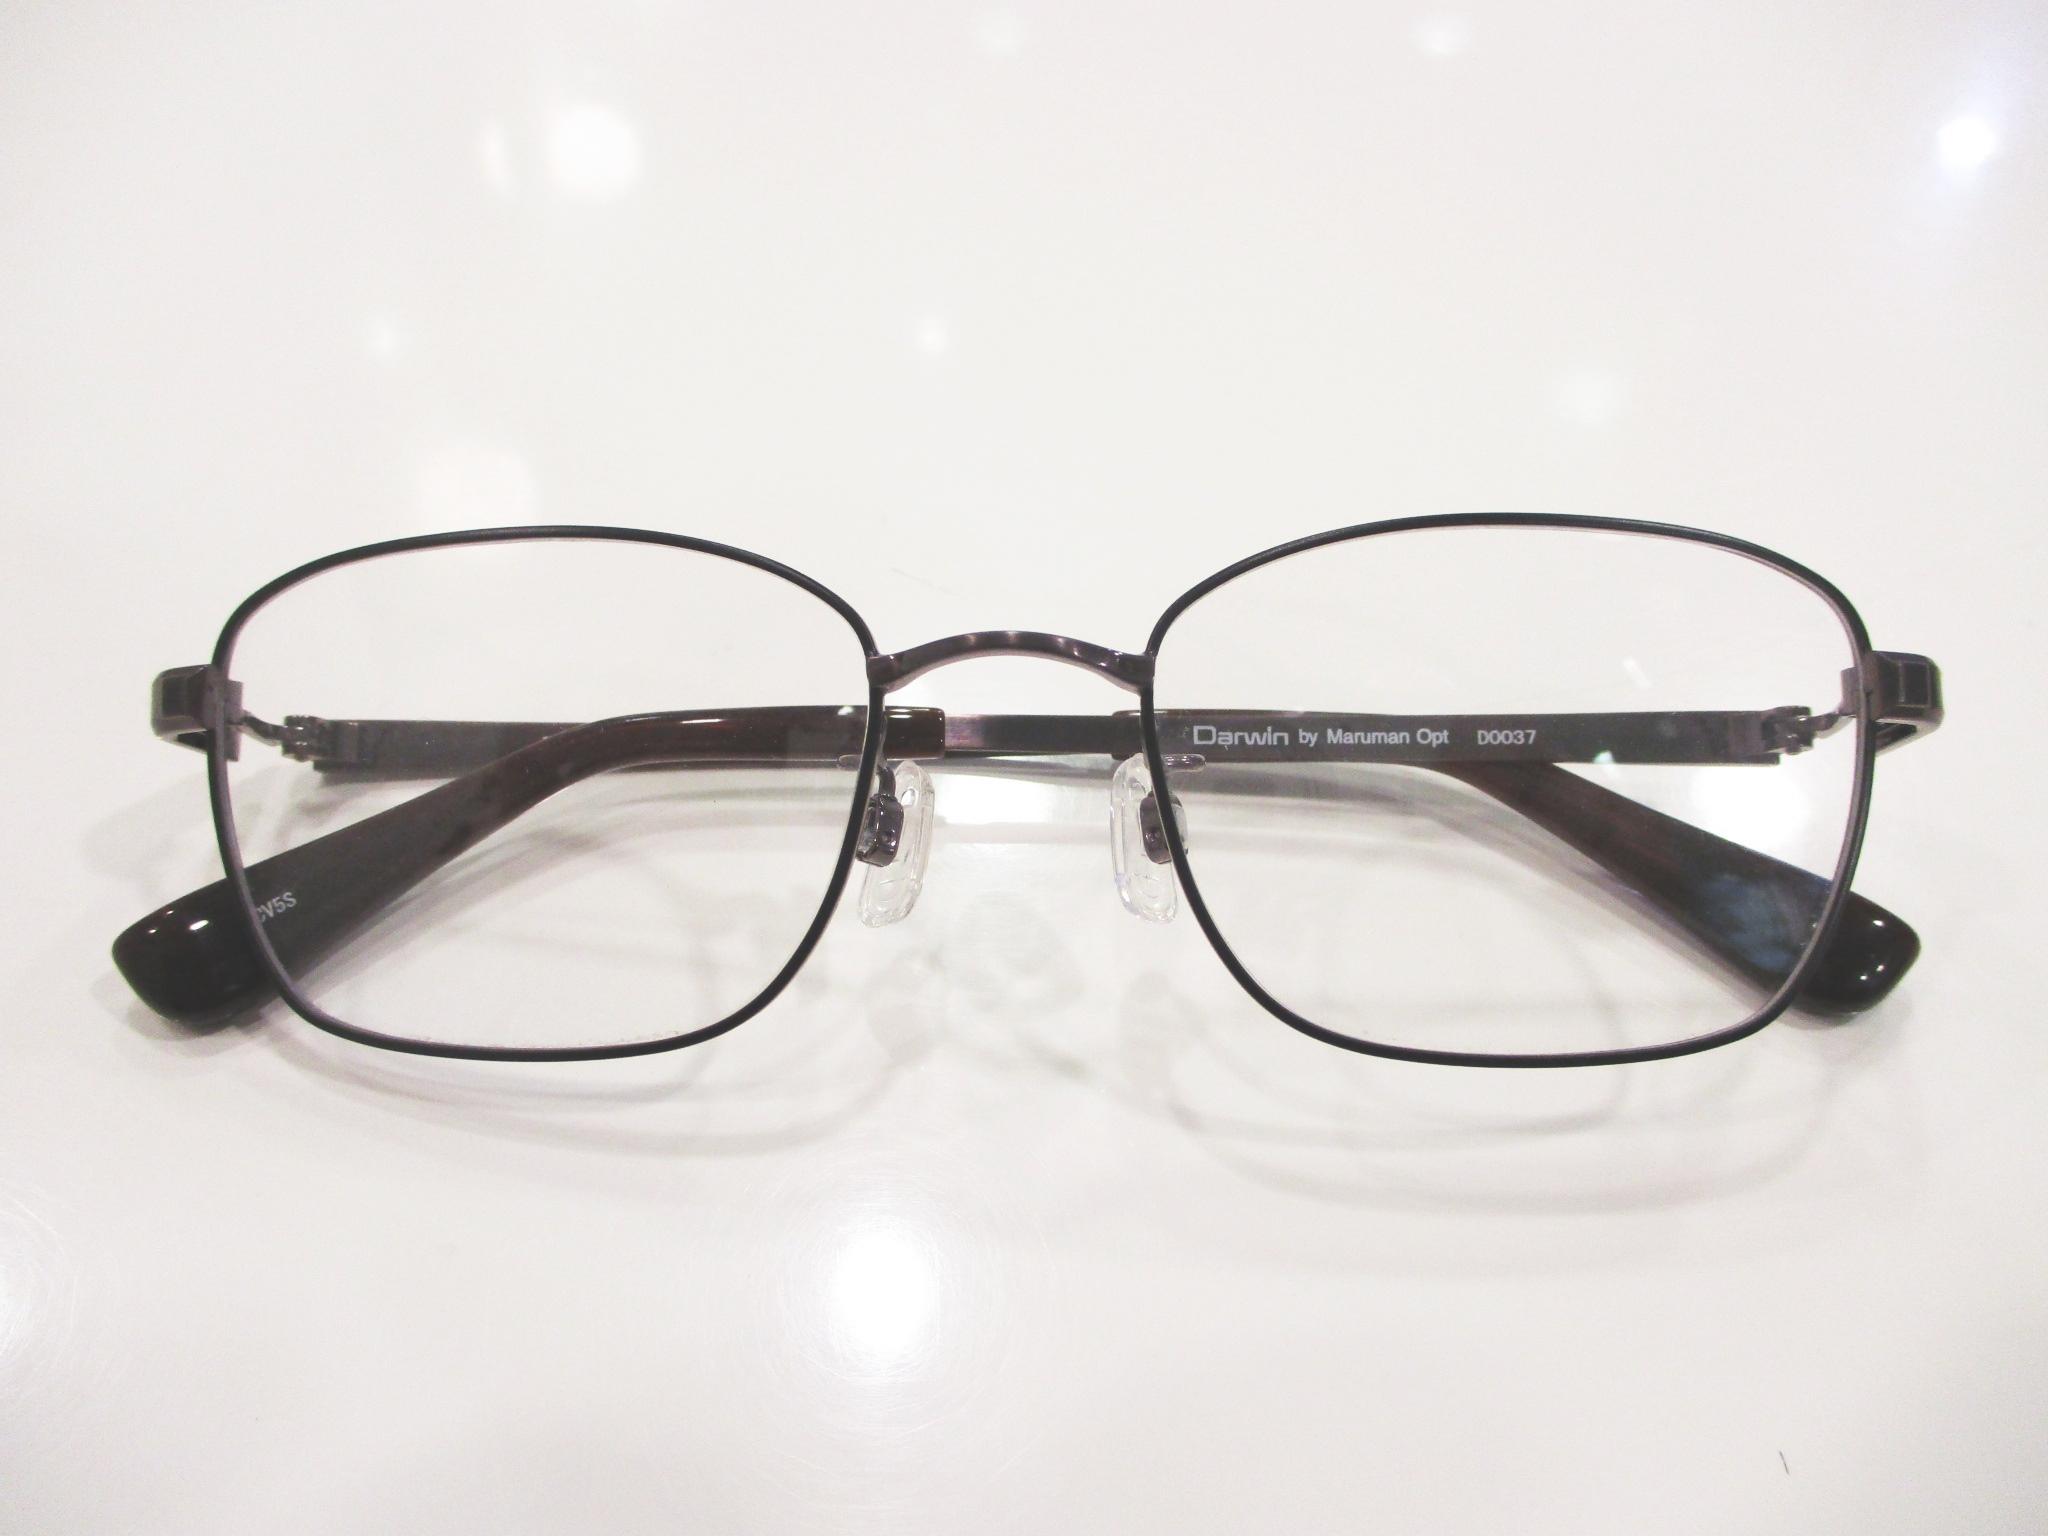 ダーウィン,D0037,東京都江戸川区船堀,おしゃれメガネ,丈夫なメガネ